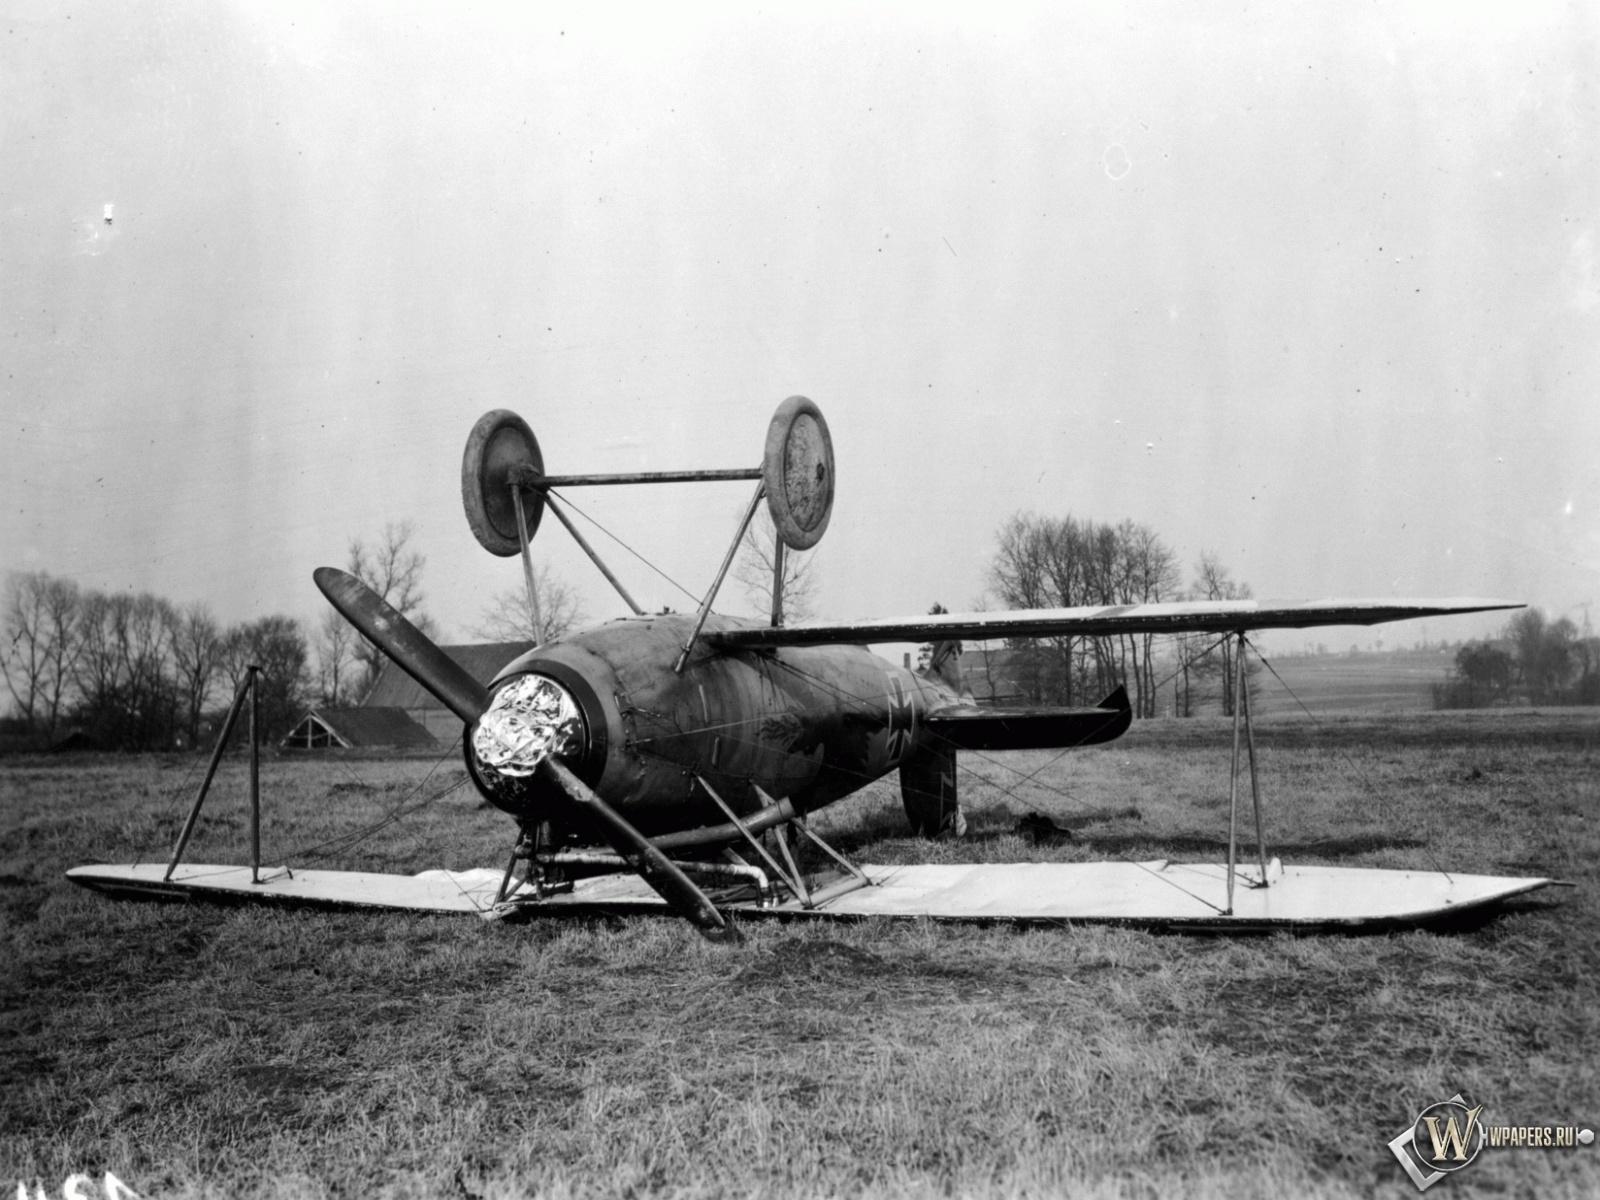 Albatros D-Va-1 1600x1200